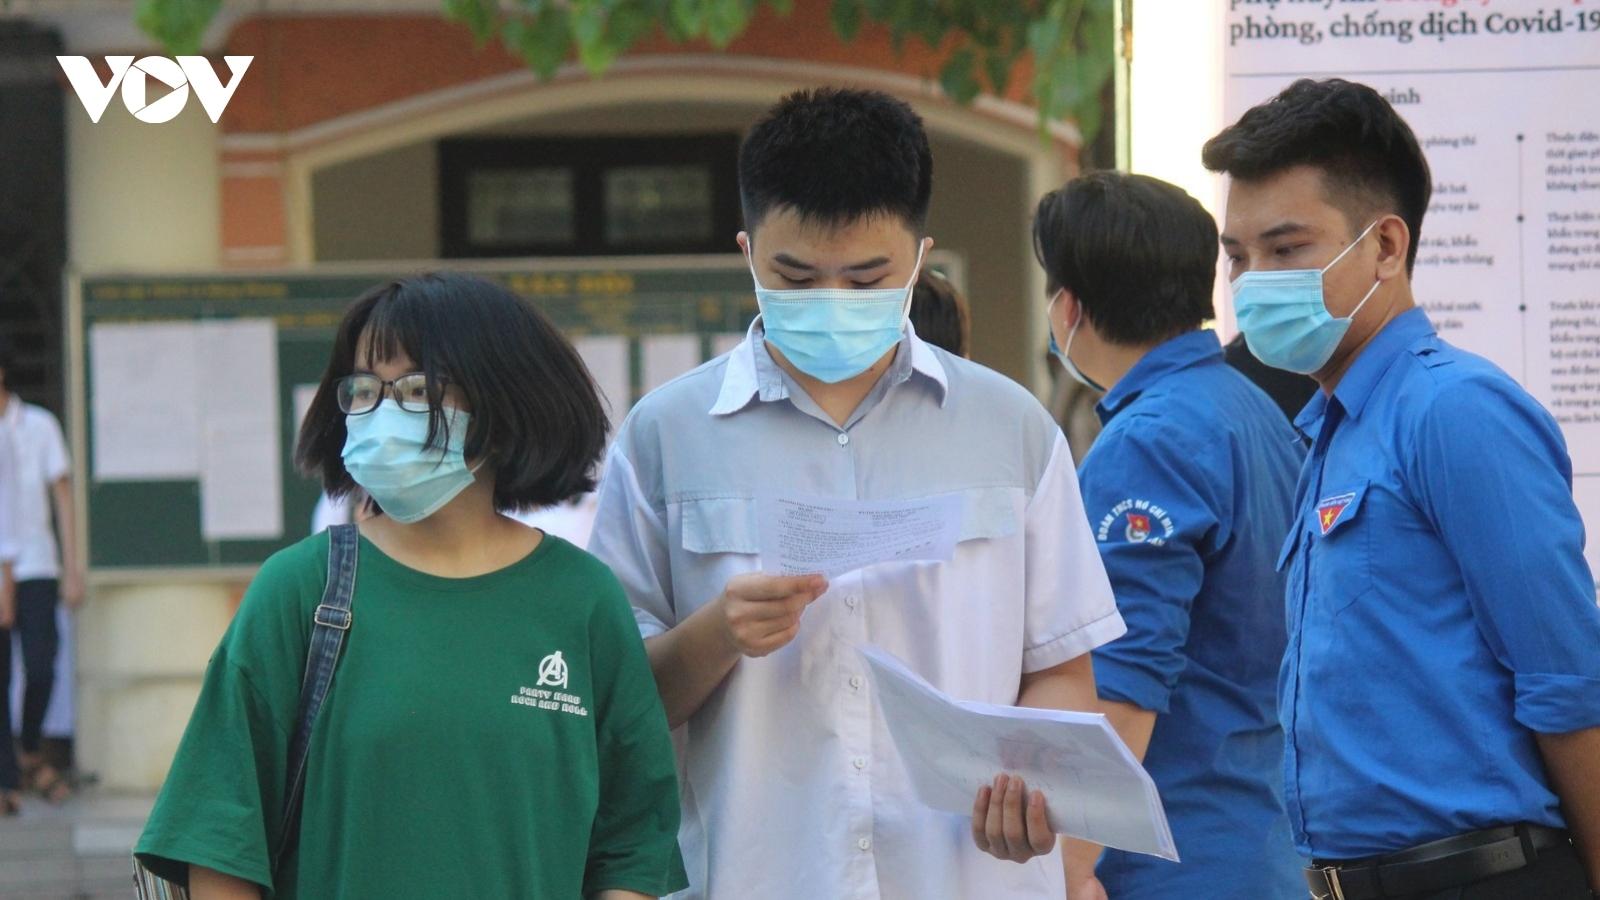 Nhiều sĩ tử thi vào trường chuyên ở Hà Nội tiếc nuối vì không hoàn thành bài thi